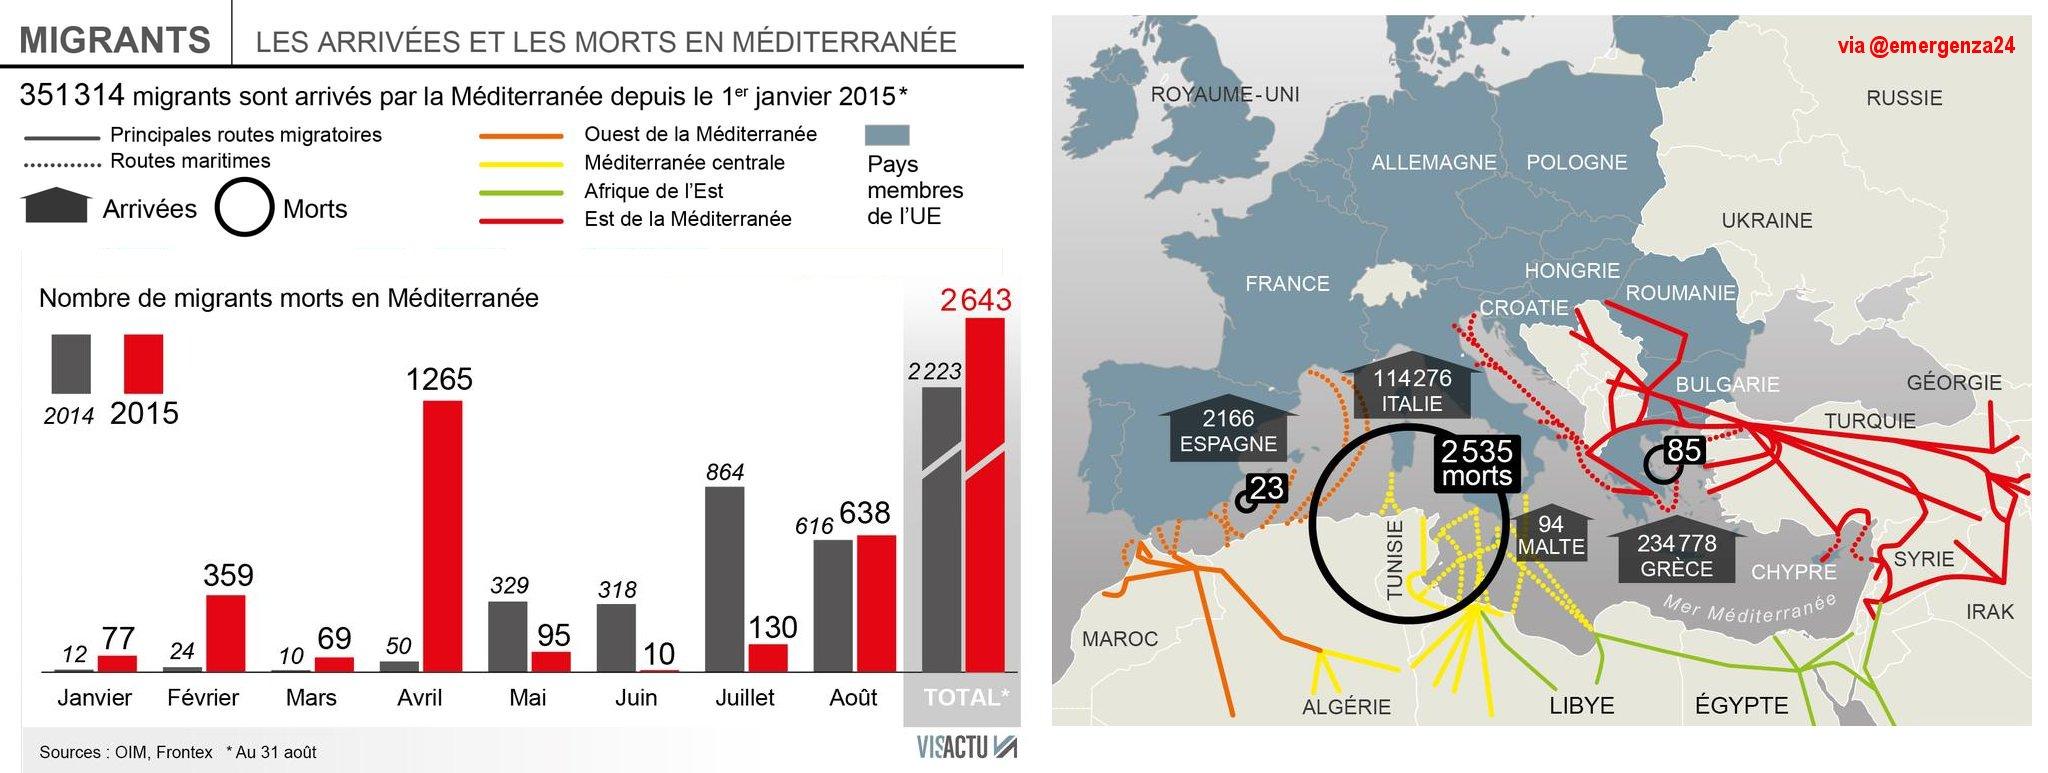 migranti_grafico_31_08_2015